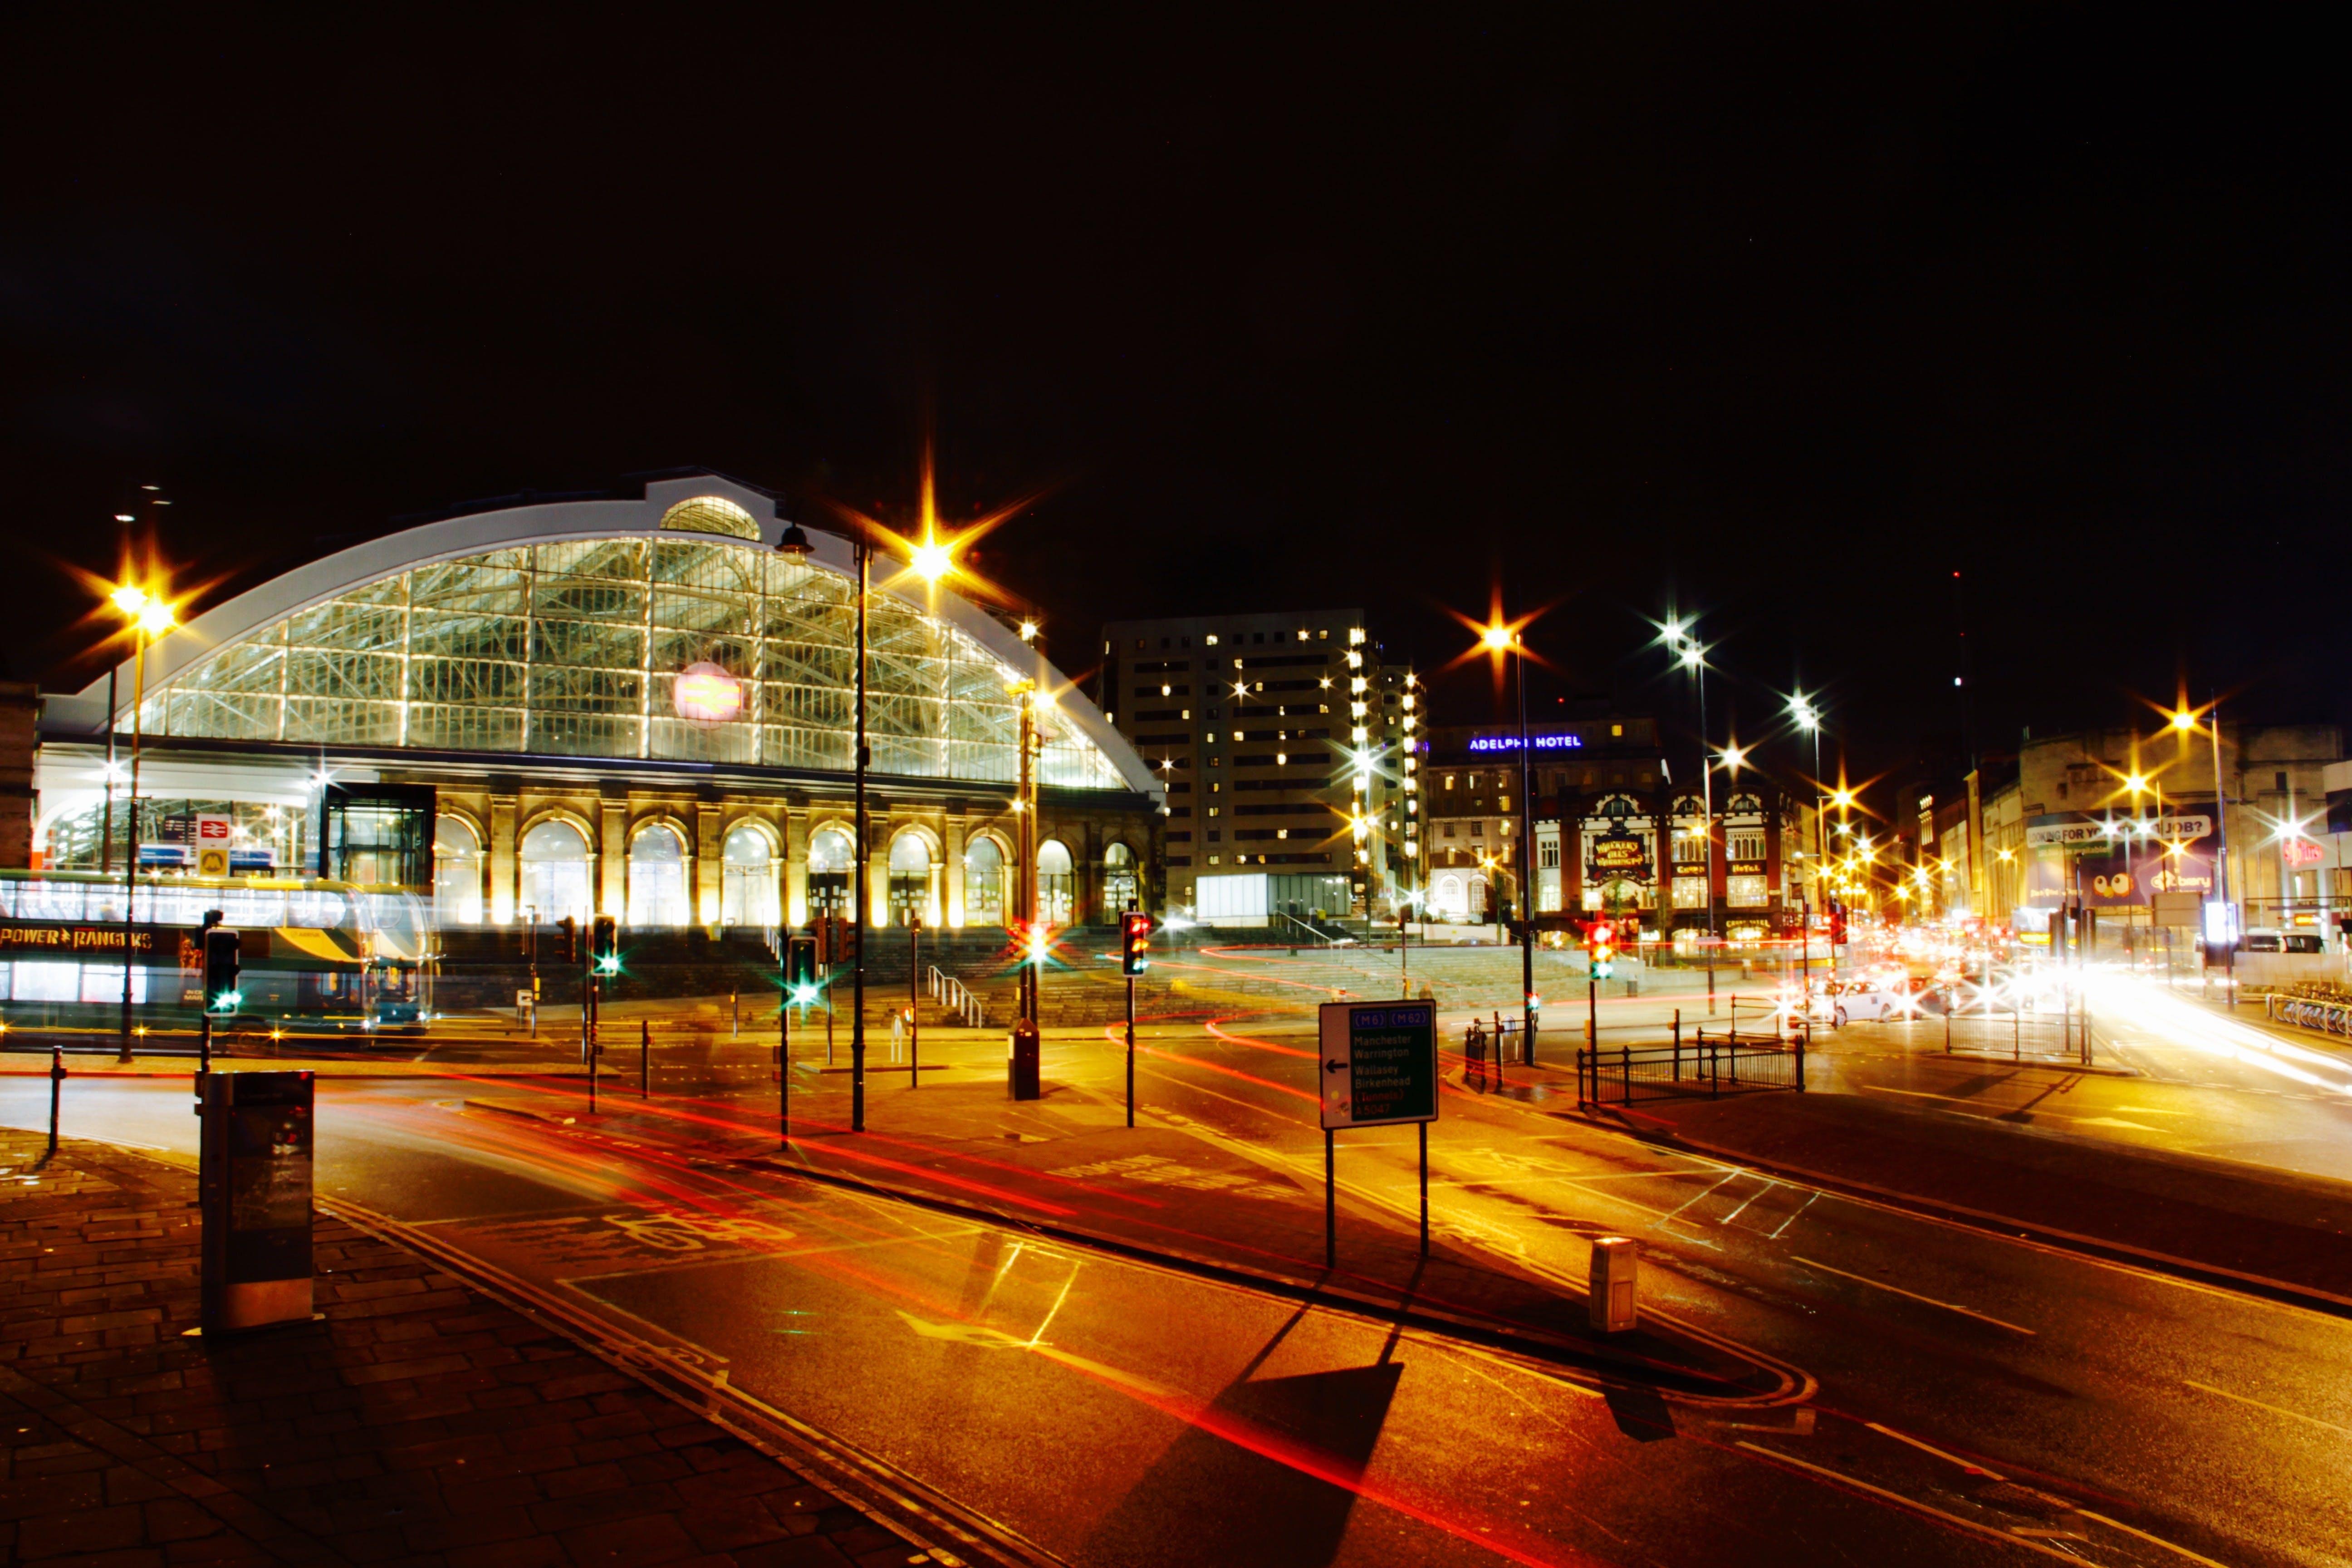 Lighted Stadium during Night